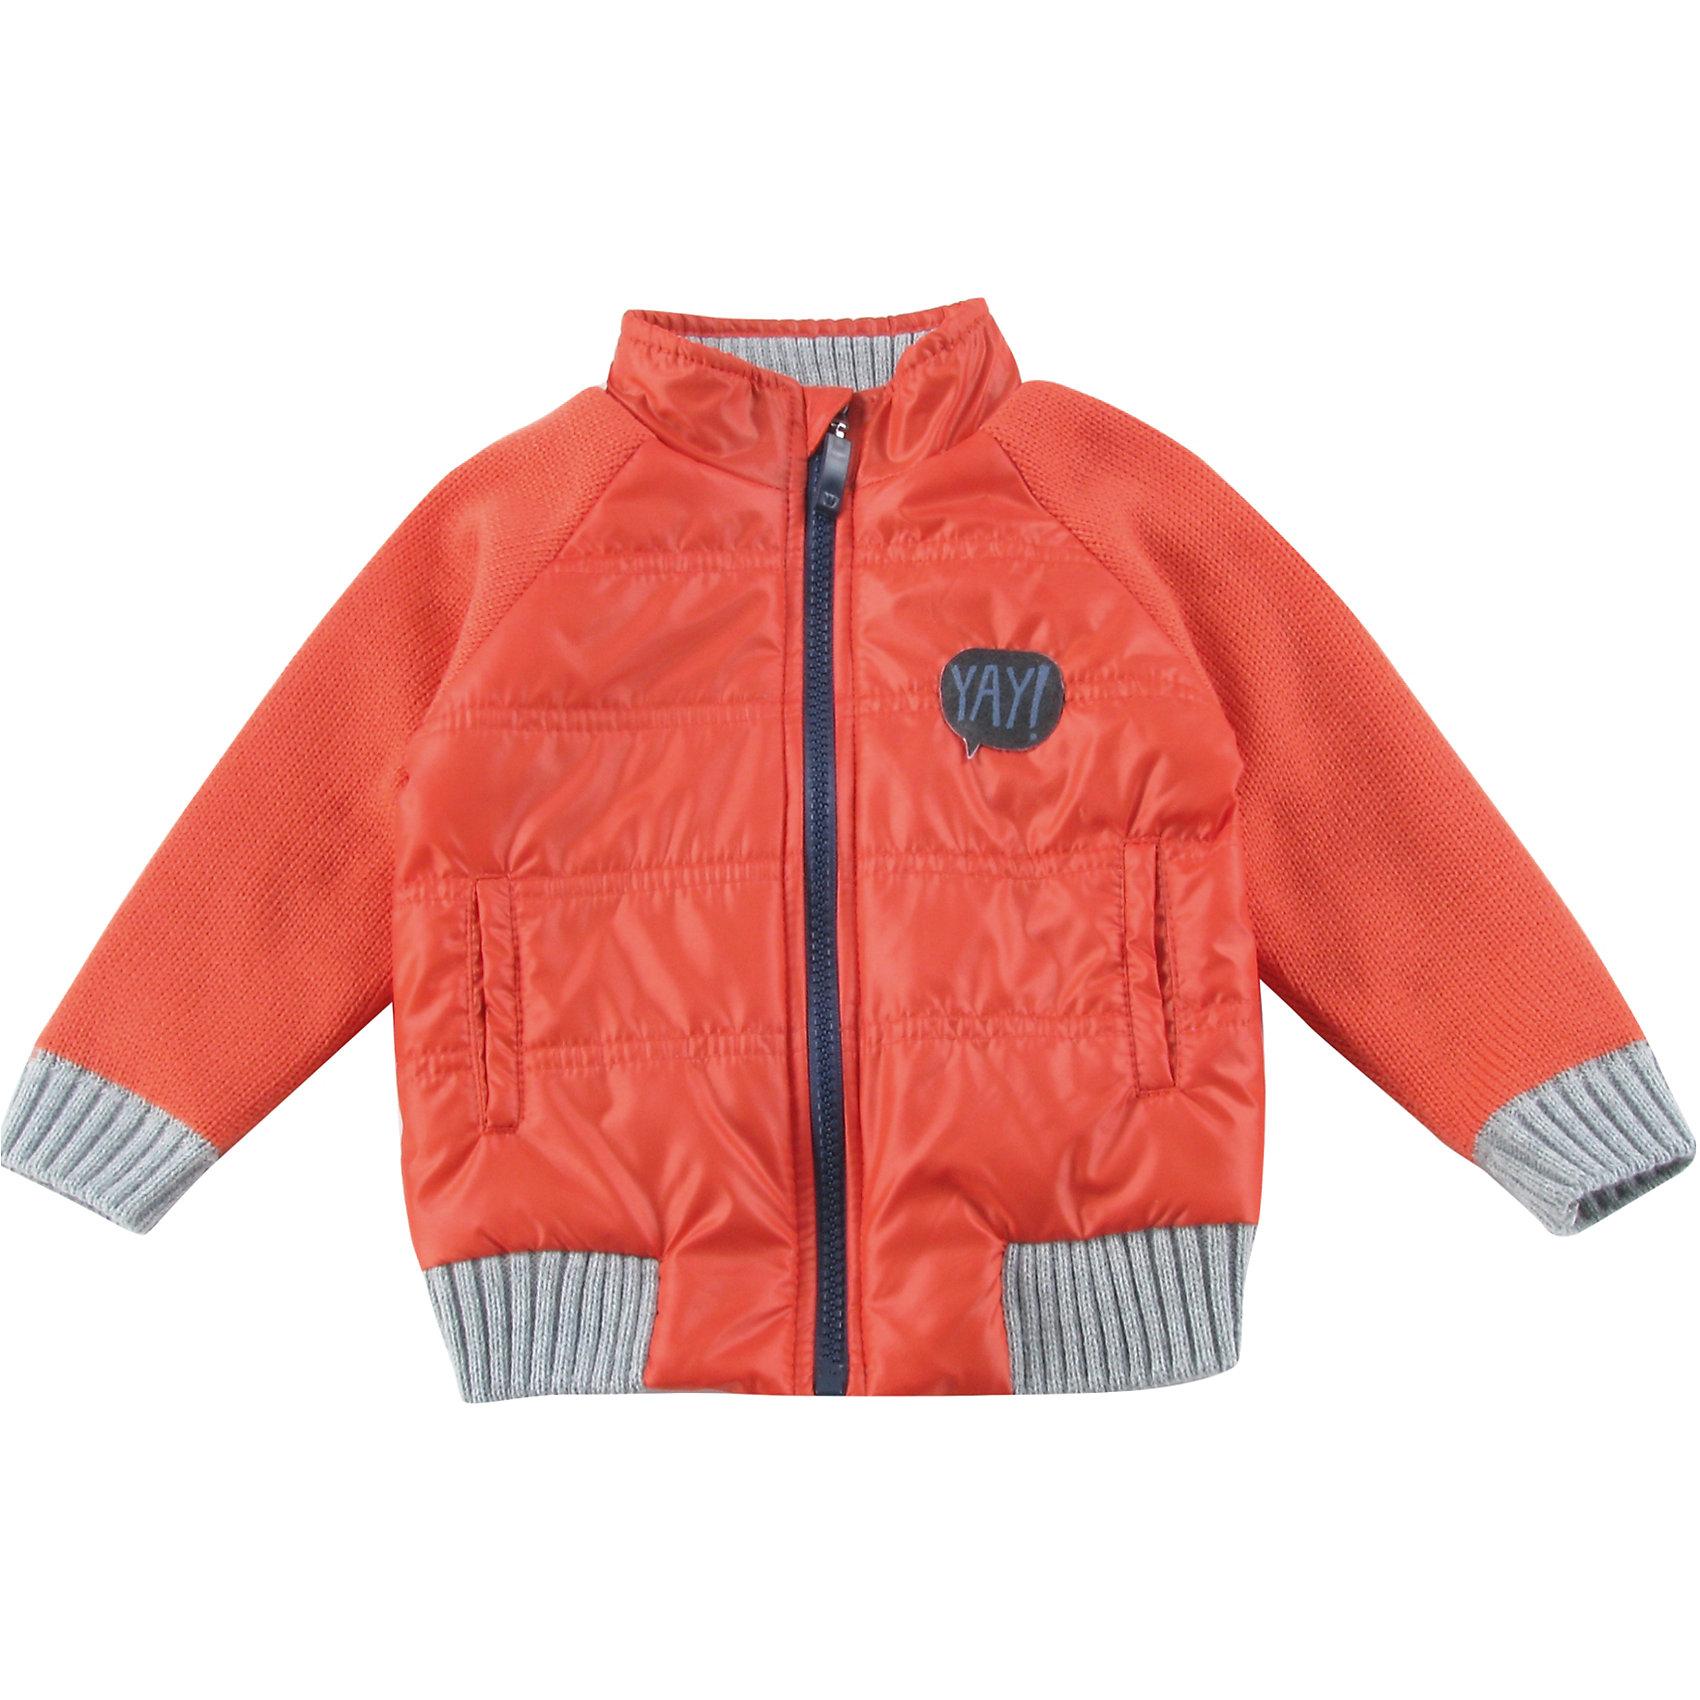 Куртка для мальчика WojcikВерхняя одежда<br>Куртка для мальчика Wojcik<br>Состав:<br>Полиэстер 50% Хлопок 25% Акрил 25%<br><br>Ширина мм: 174<br>Глубина мм: 10<br>Высота мм: 169<br>Вес г: 157<br>Цвет: красный<br>Возраст от месяцев: 24<br>Возраст до месяцев: 36<br>Пол: Мужской<br>Возраст: Детский<br>Размер: 98,86,68,74,80,92<br>SKU: 5591765